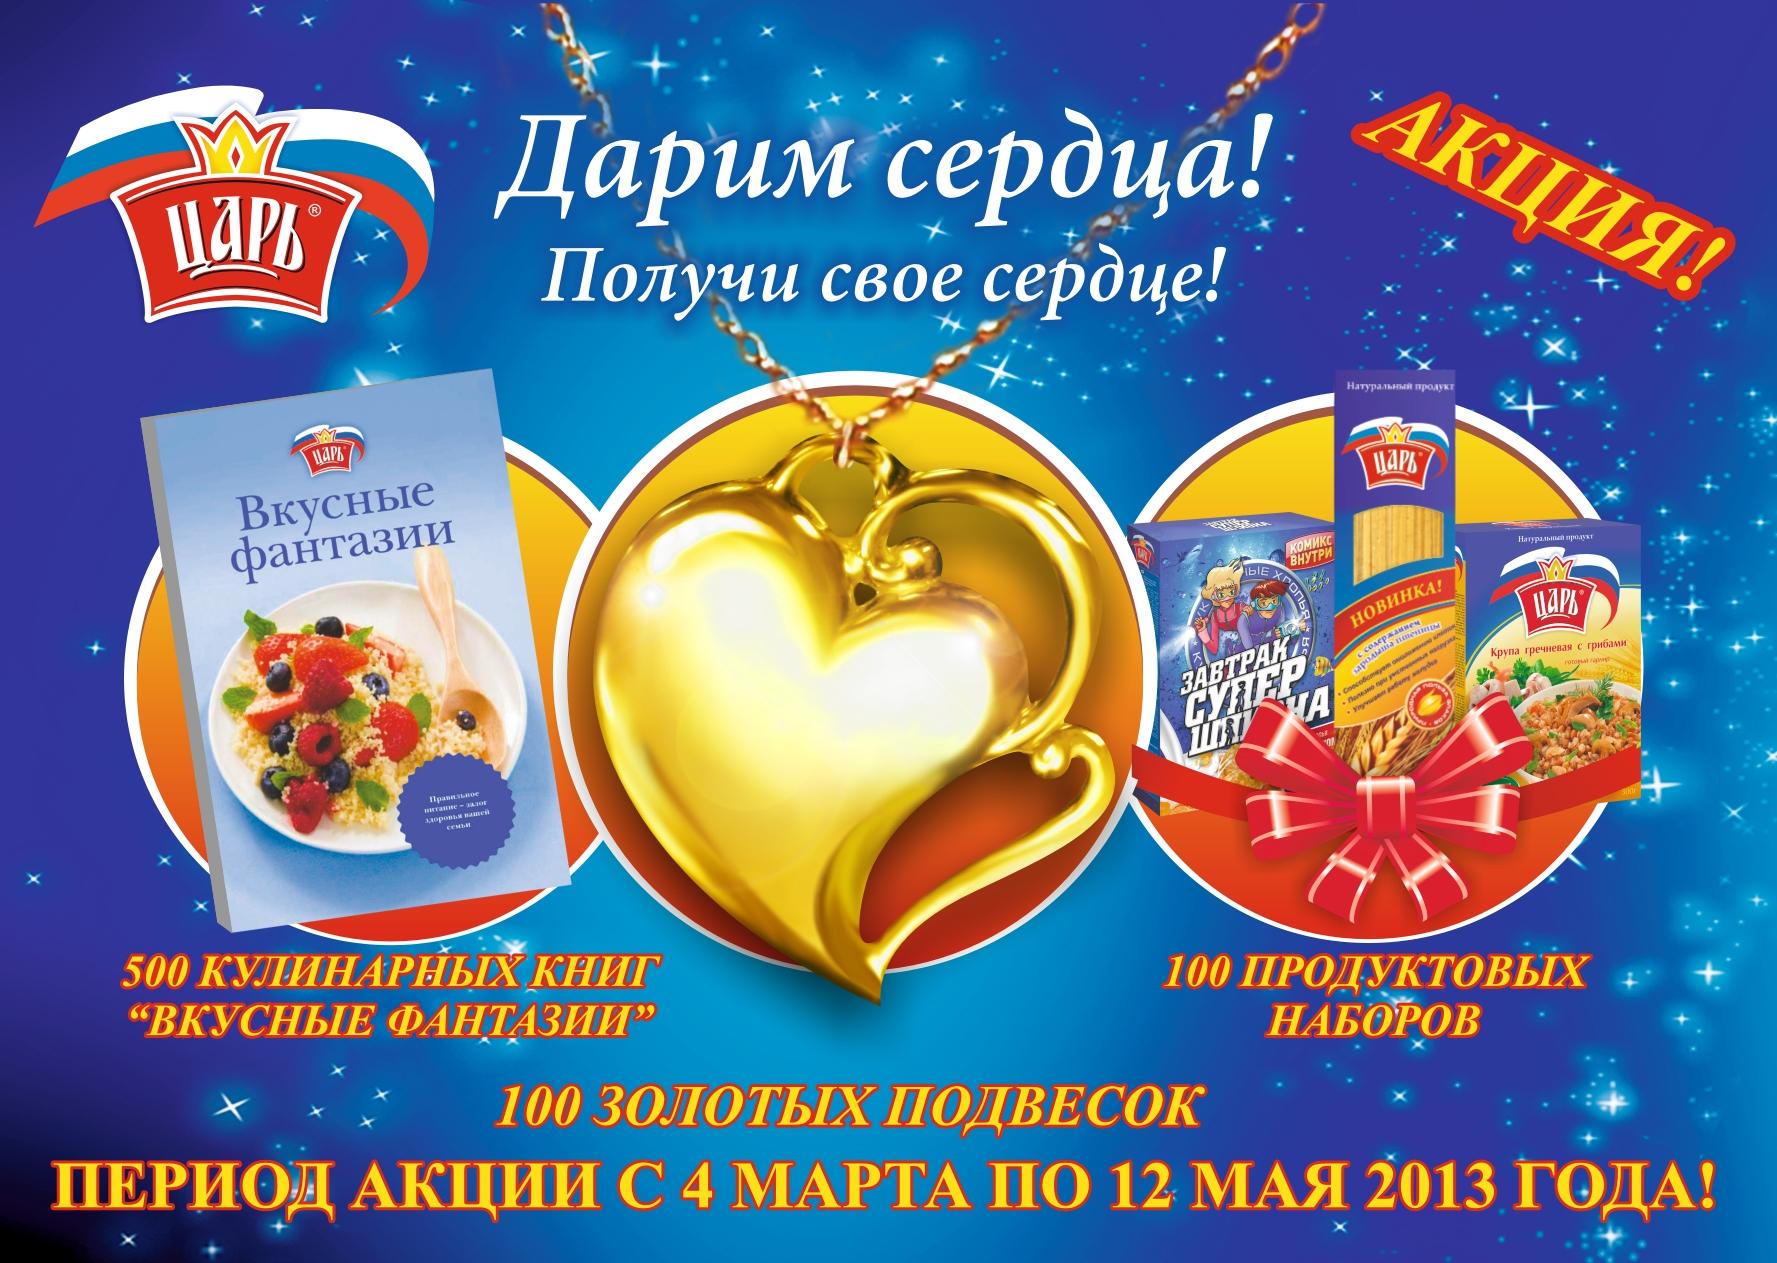 Напомним, «СоюзПищепром» - авторитетный российский производитель продовольствия, представляющий т